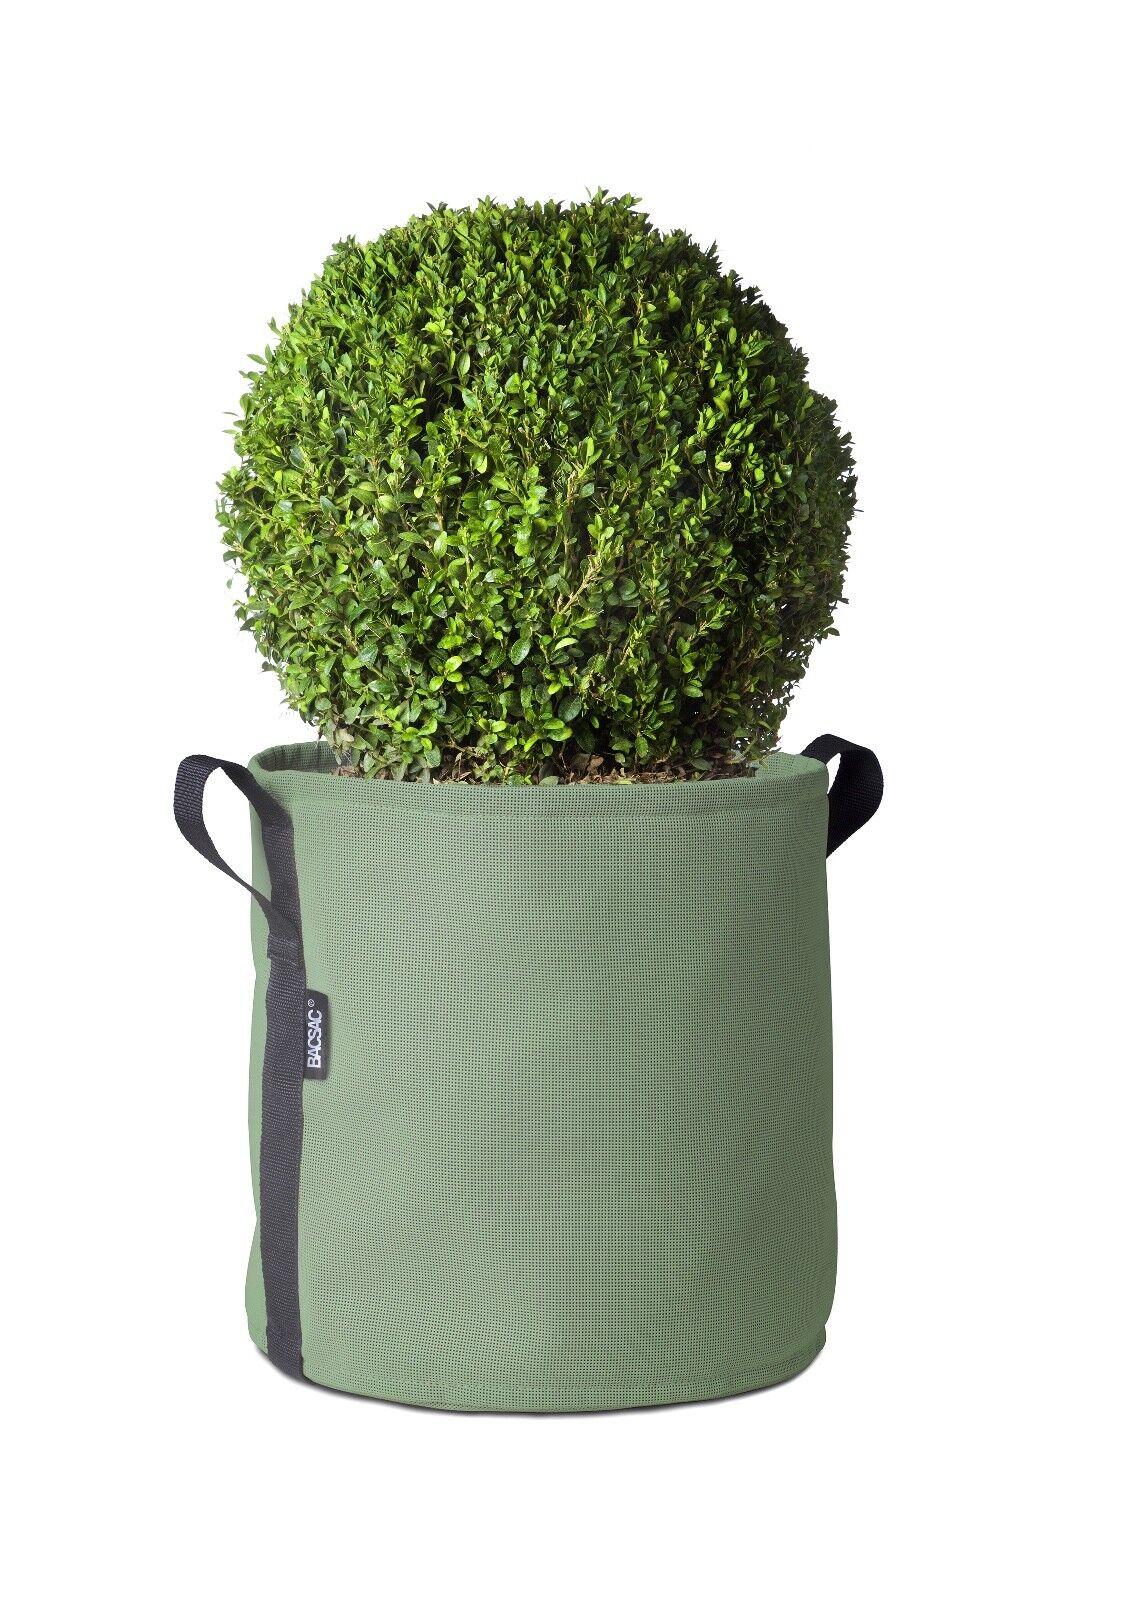 BACSAC - 25 Litre Round Pot Plant - Various Colours